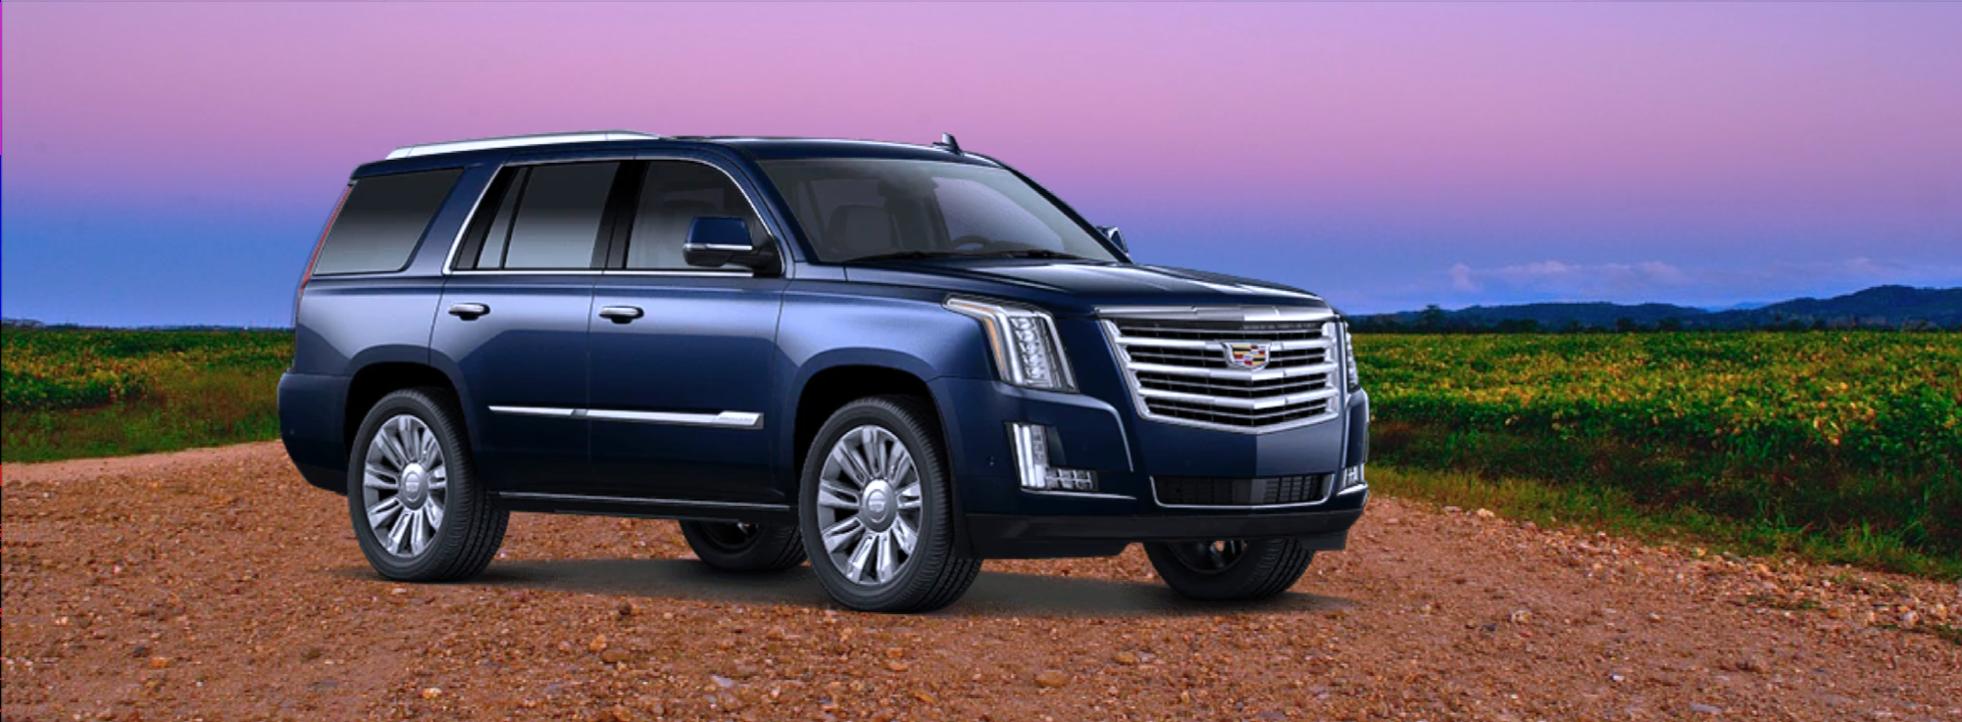 New Arrival: 2020 Cadillac Escalade